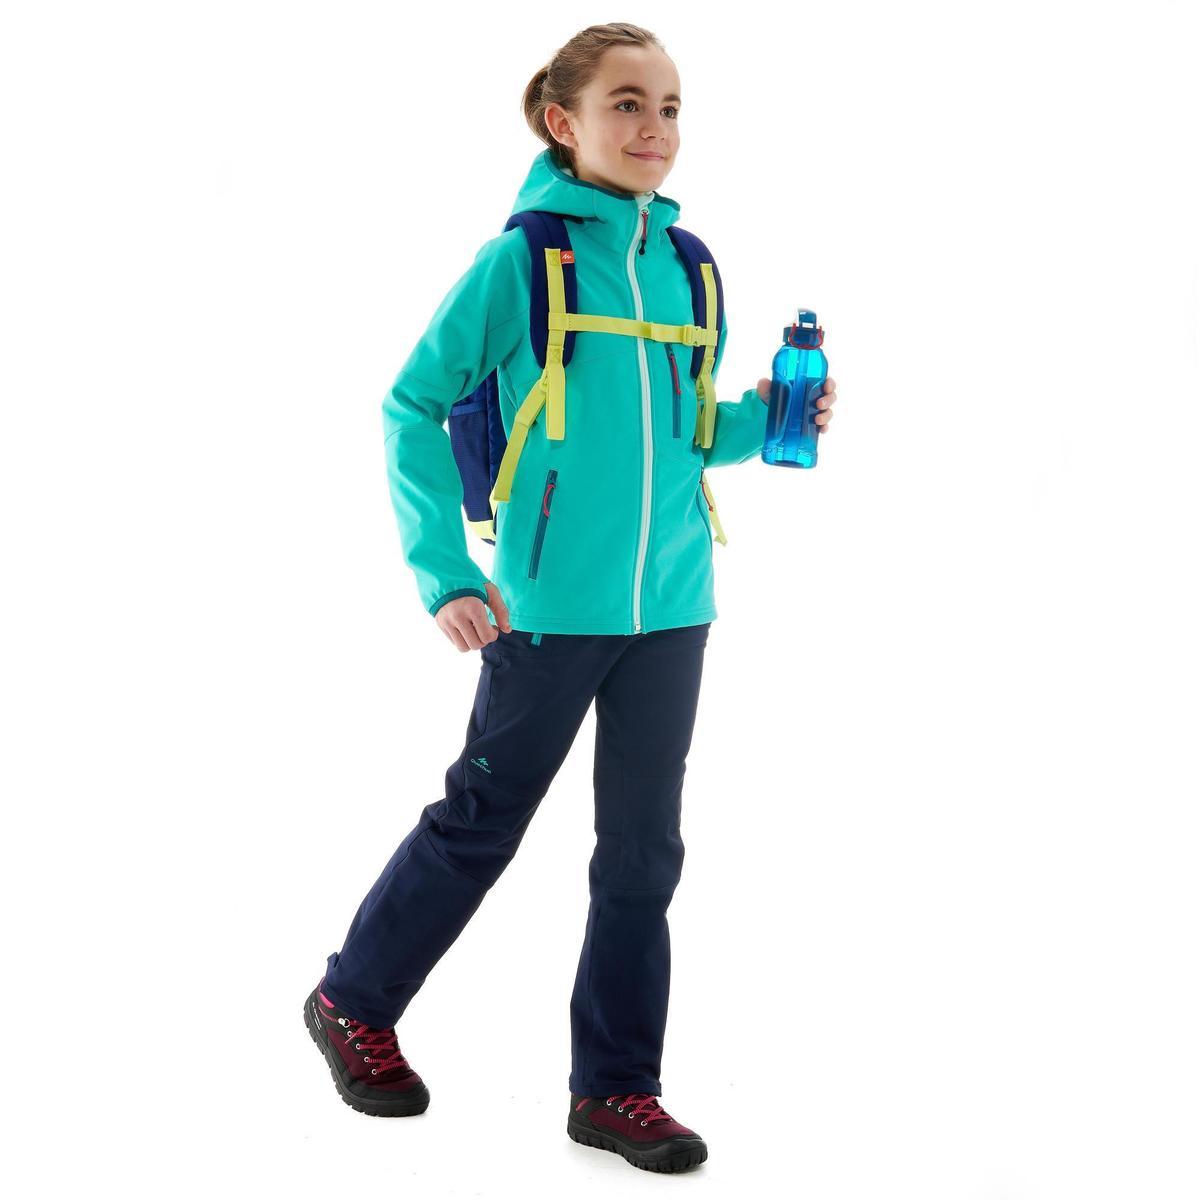 Bild 2 von Softshelljacke MH900 Kinder blau